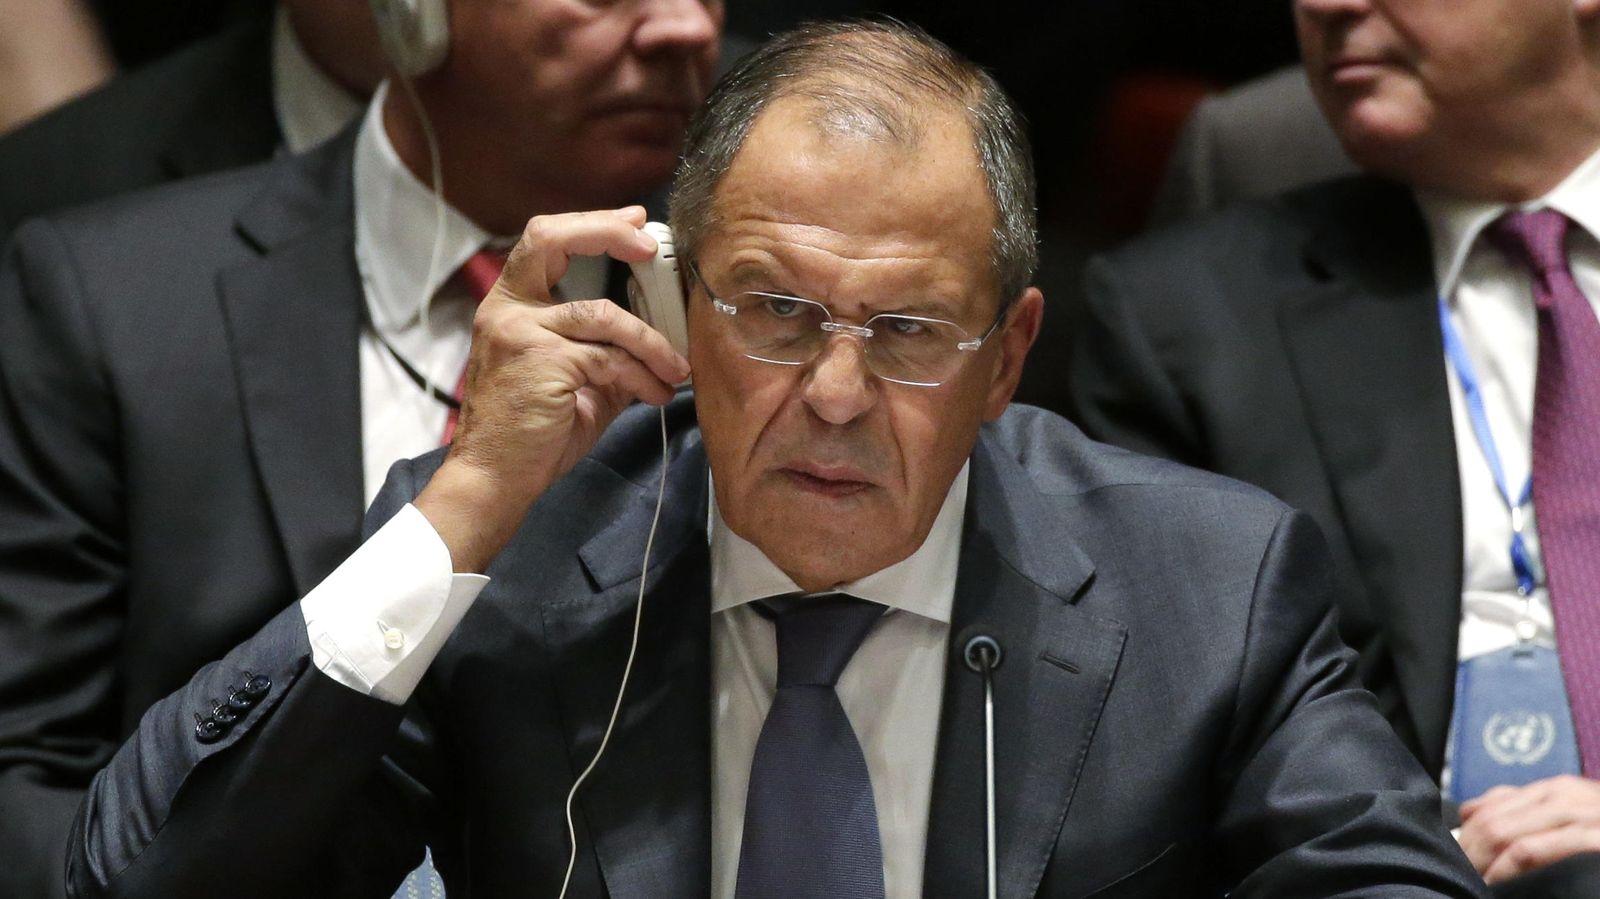 Foto: El ministro de exteriores ruso, Sergey Lavrov, escucha una traducción durante la reunión del Consejo de Seguridad de la ONU. (Reuters)